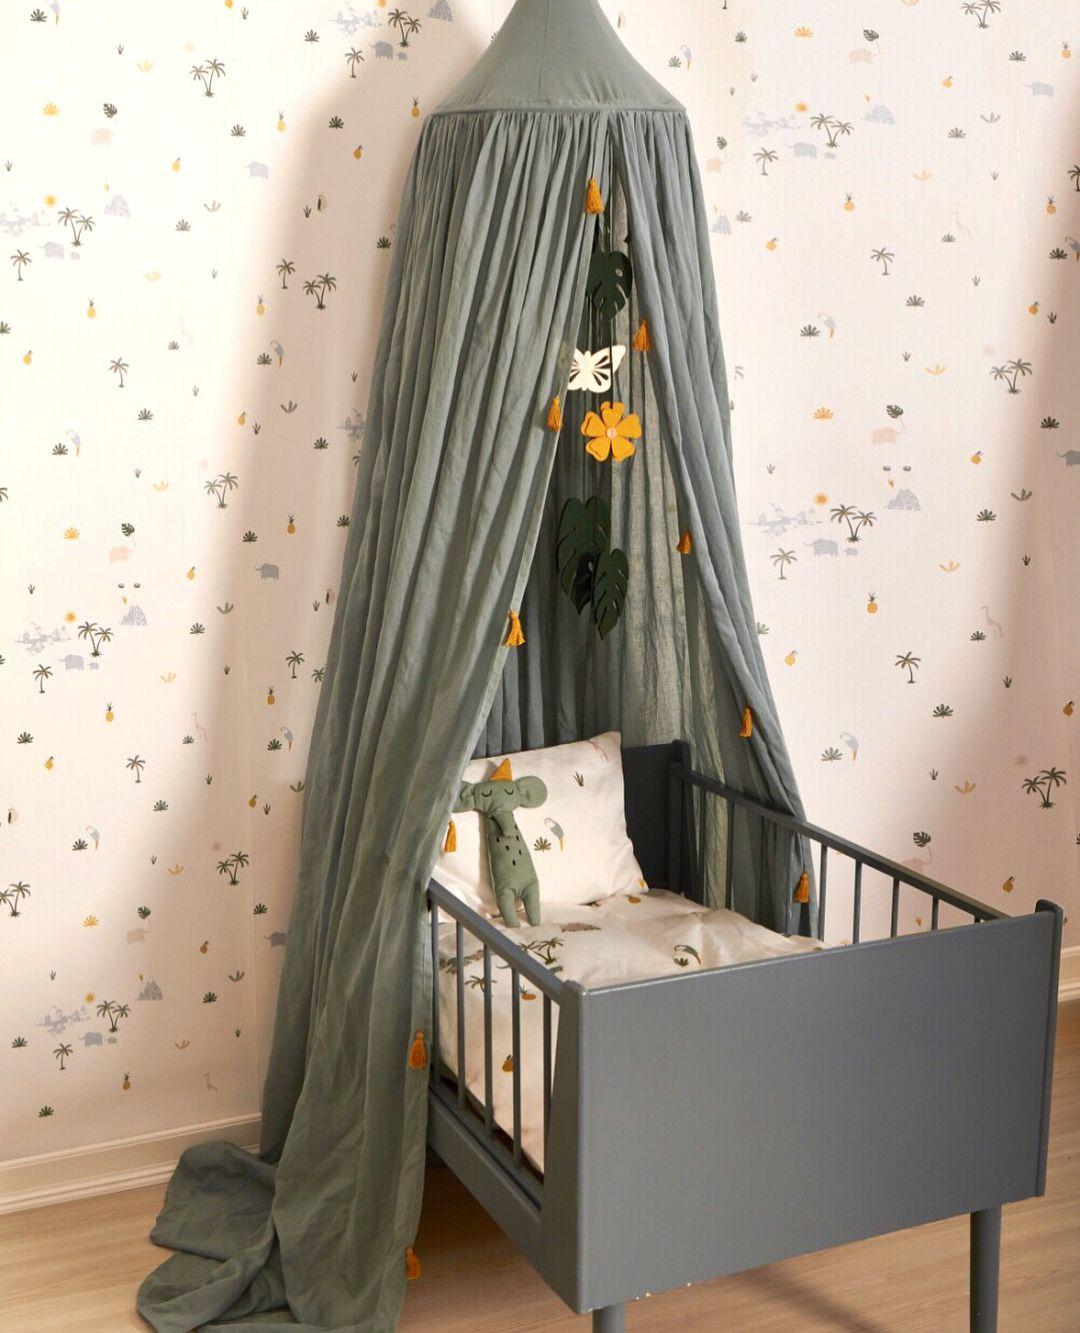 Plein D Idees Pour Decorer La Chambre De Votre Bebe My Fantasyroom Les Plus Belles Images Pour La Deco De C Ciel De Lit Chambre Bebe Vert Lit Gris